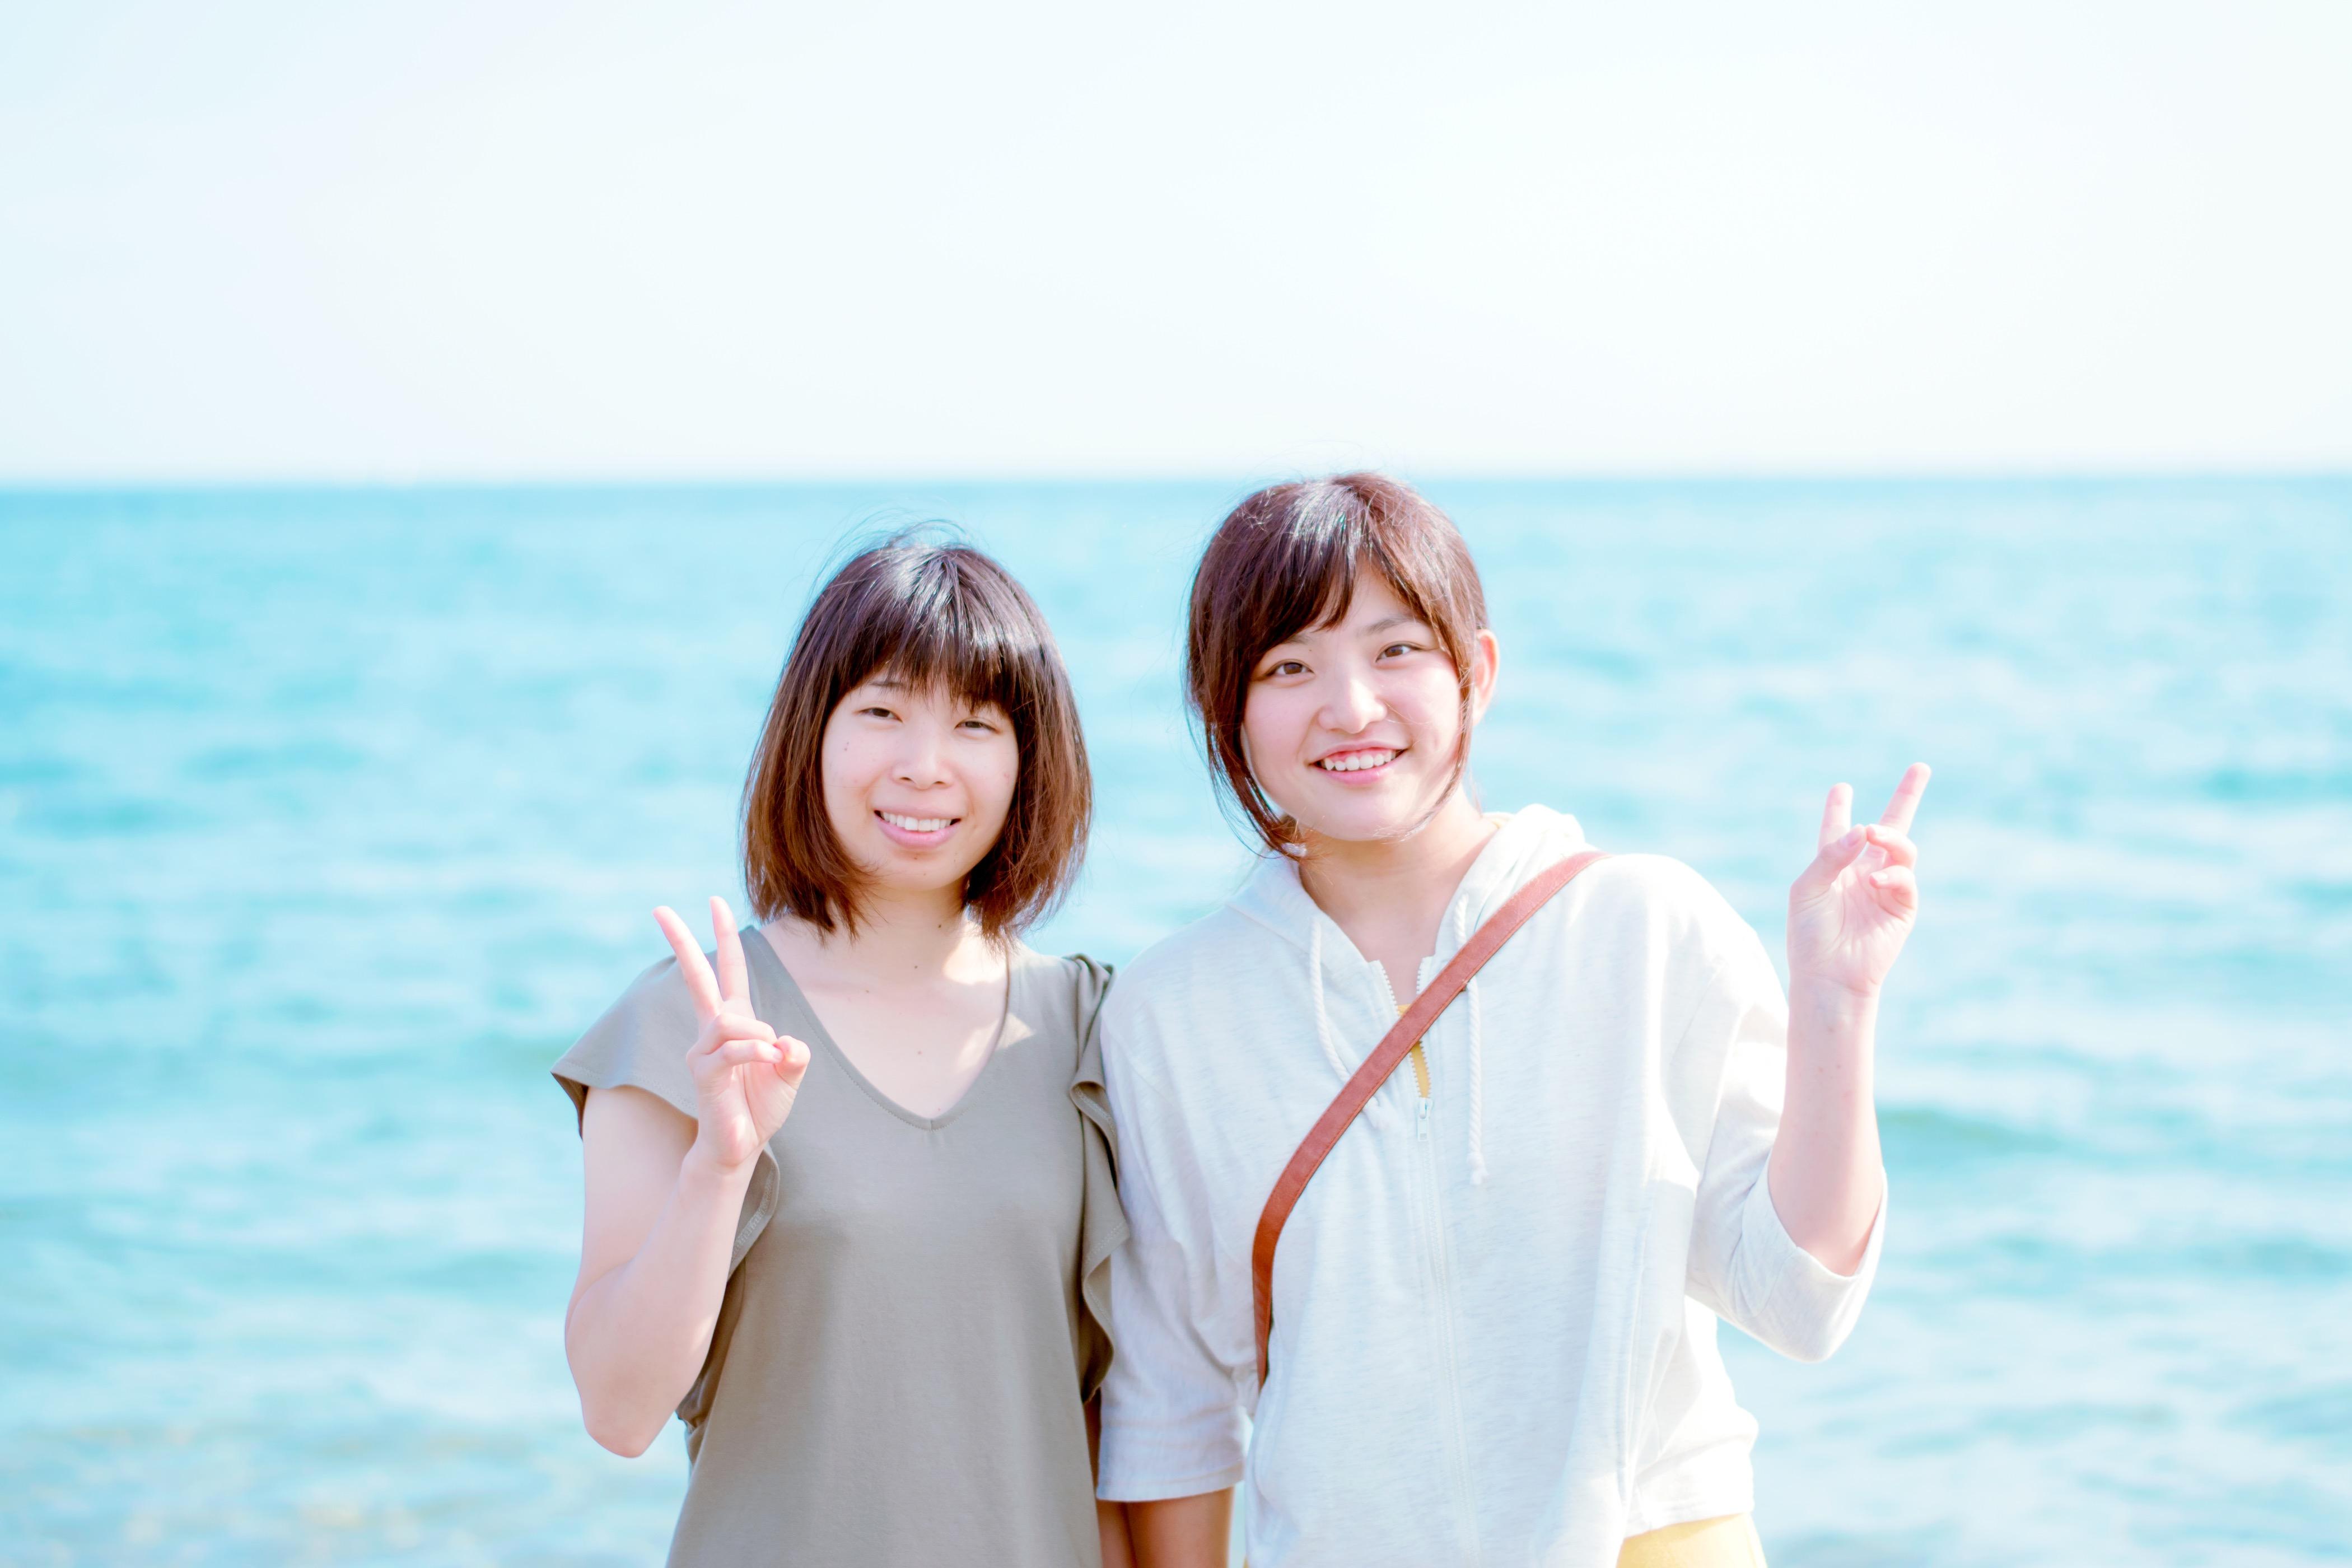 七里ヶ浜エリア